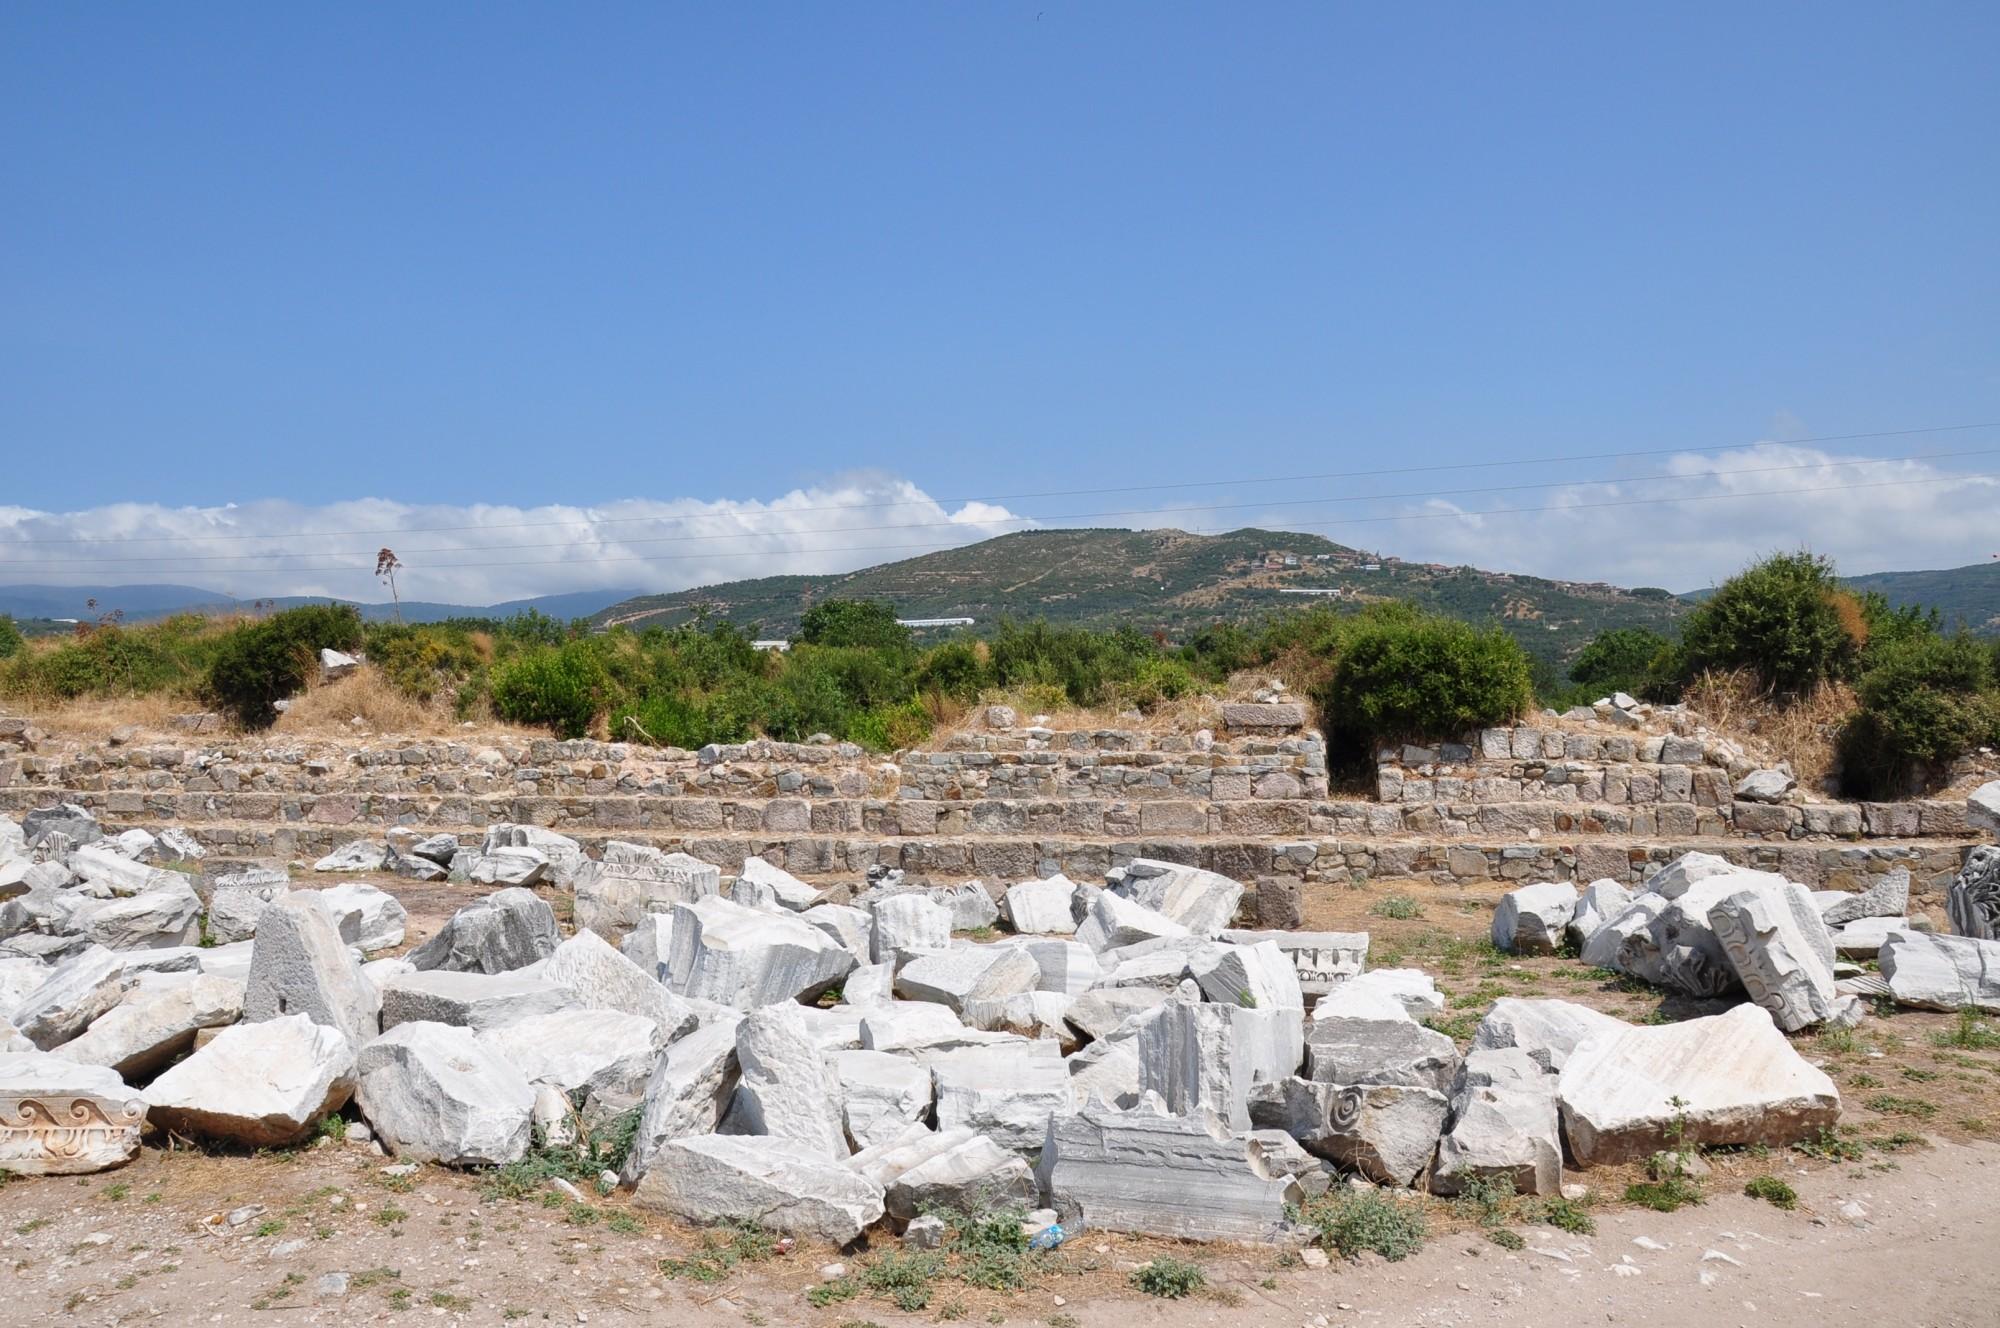 The ruins of Kyzikos